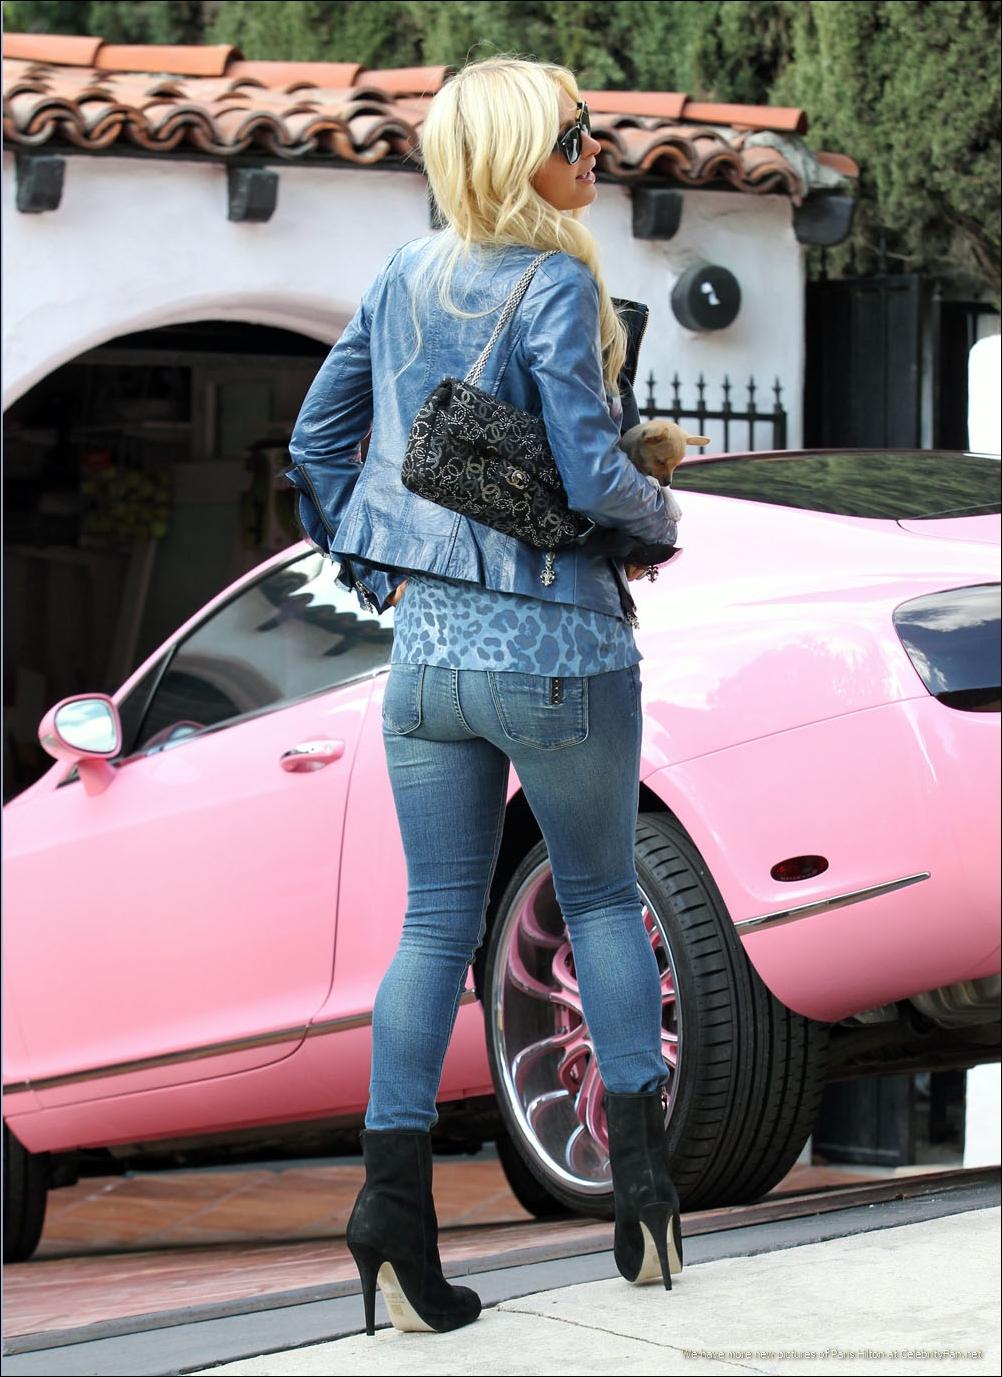 Paris Hilton Pink Bentley Again Autoevolution